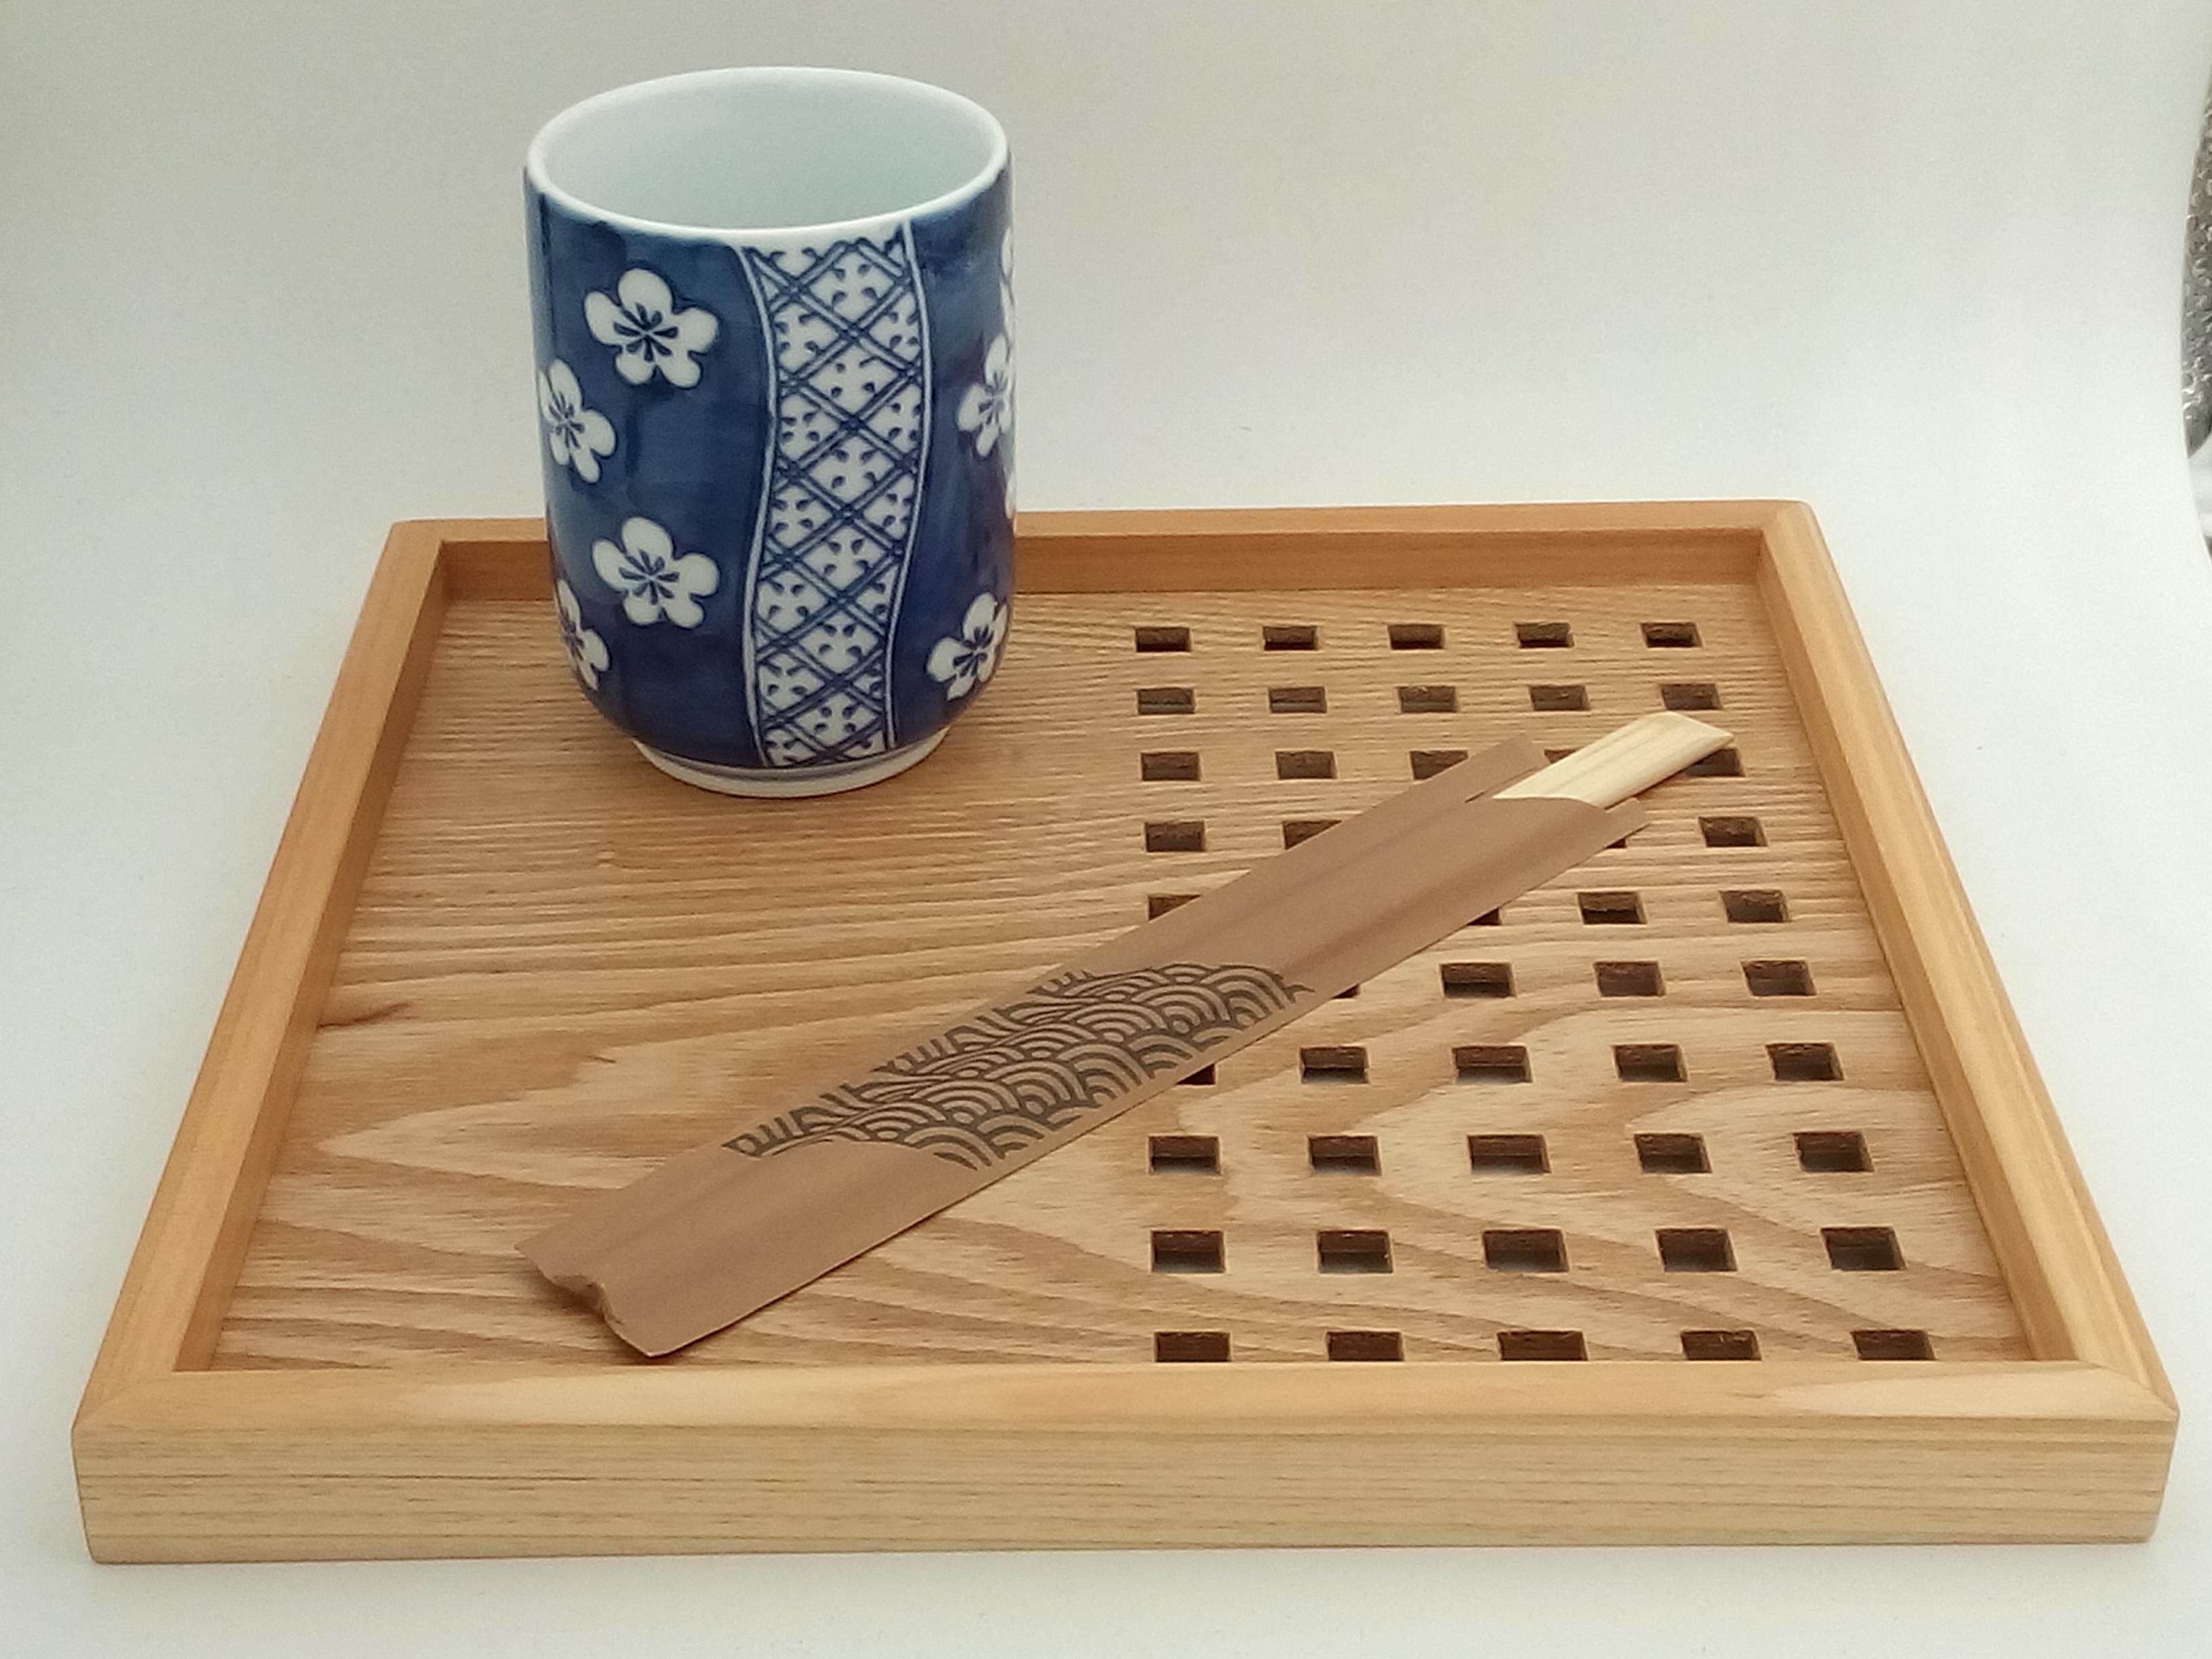 Plateau en bois naturel pour une jolie présentation de vos objets japonais